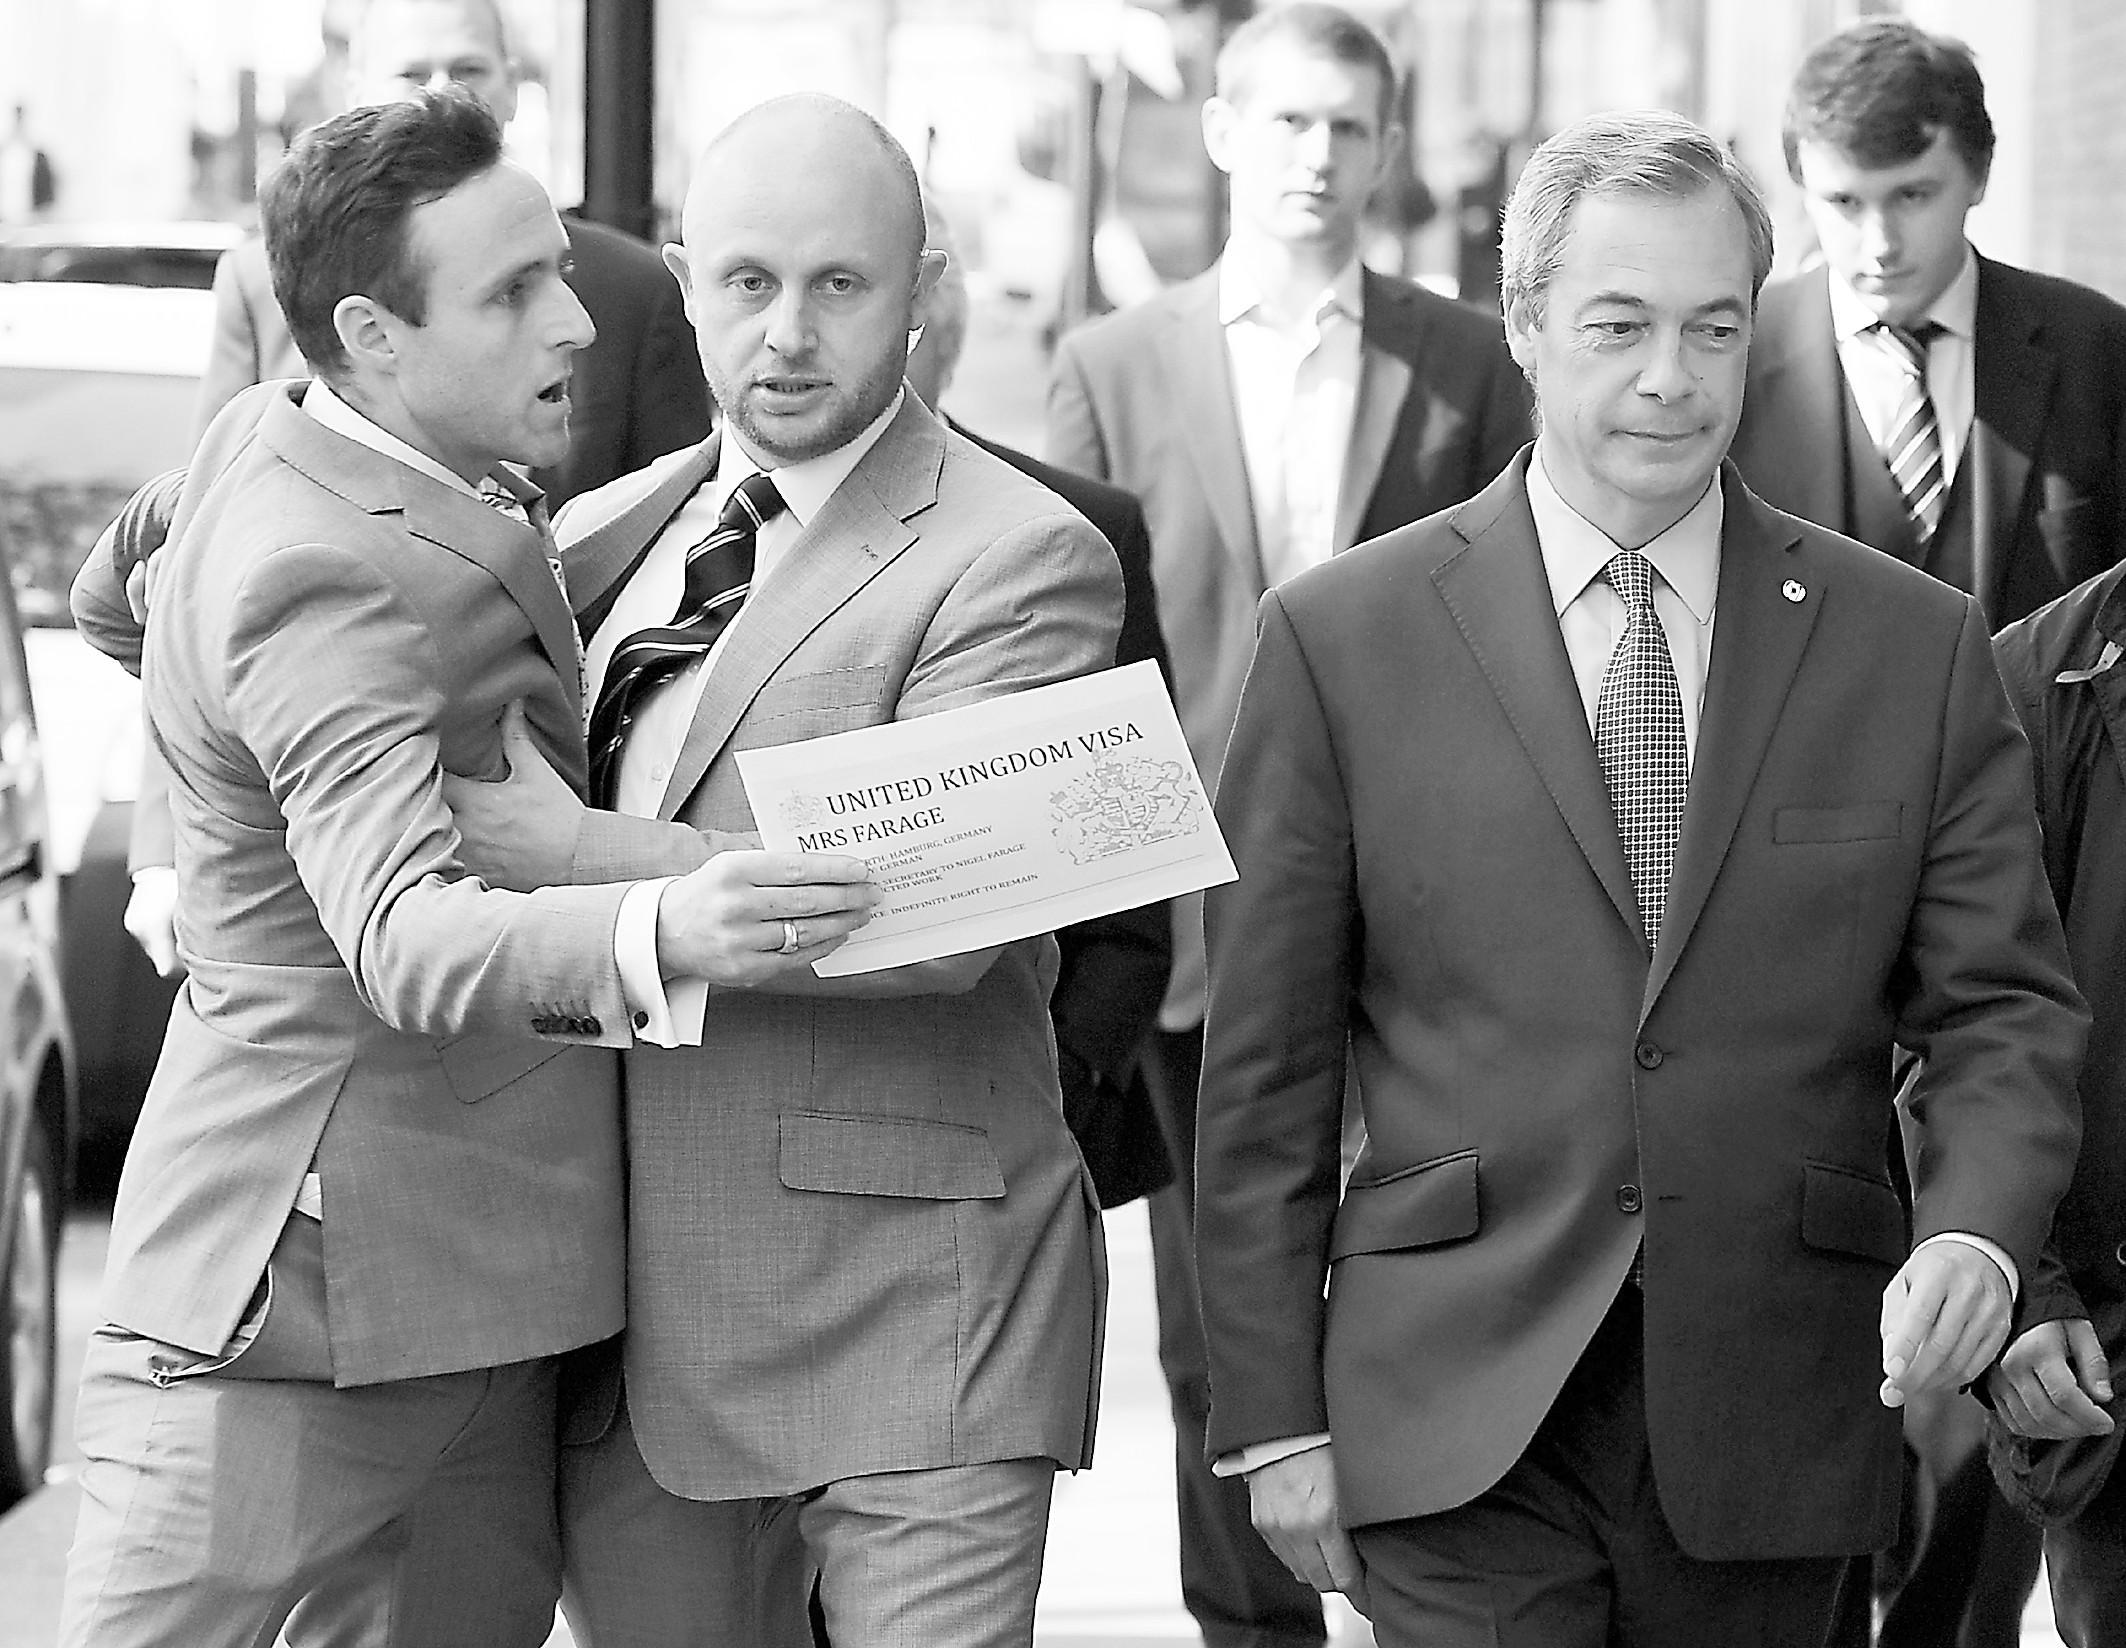 英独立党领袖辞职躲避脱欧残局:已完成政治目标